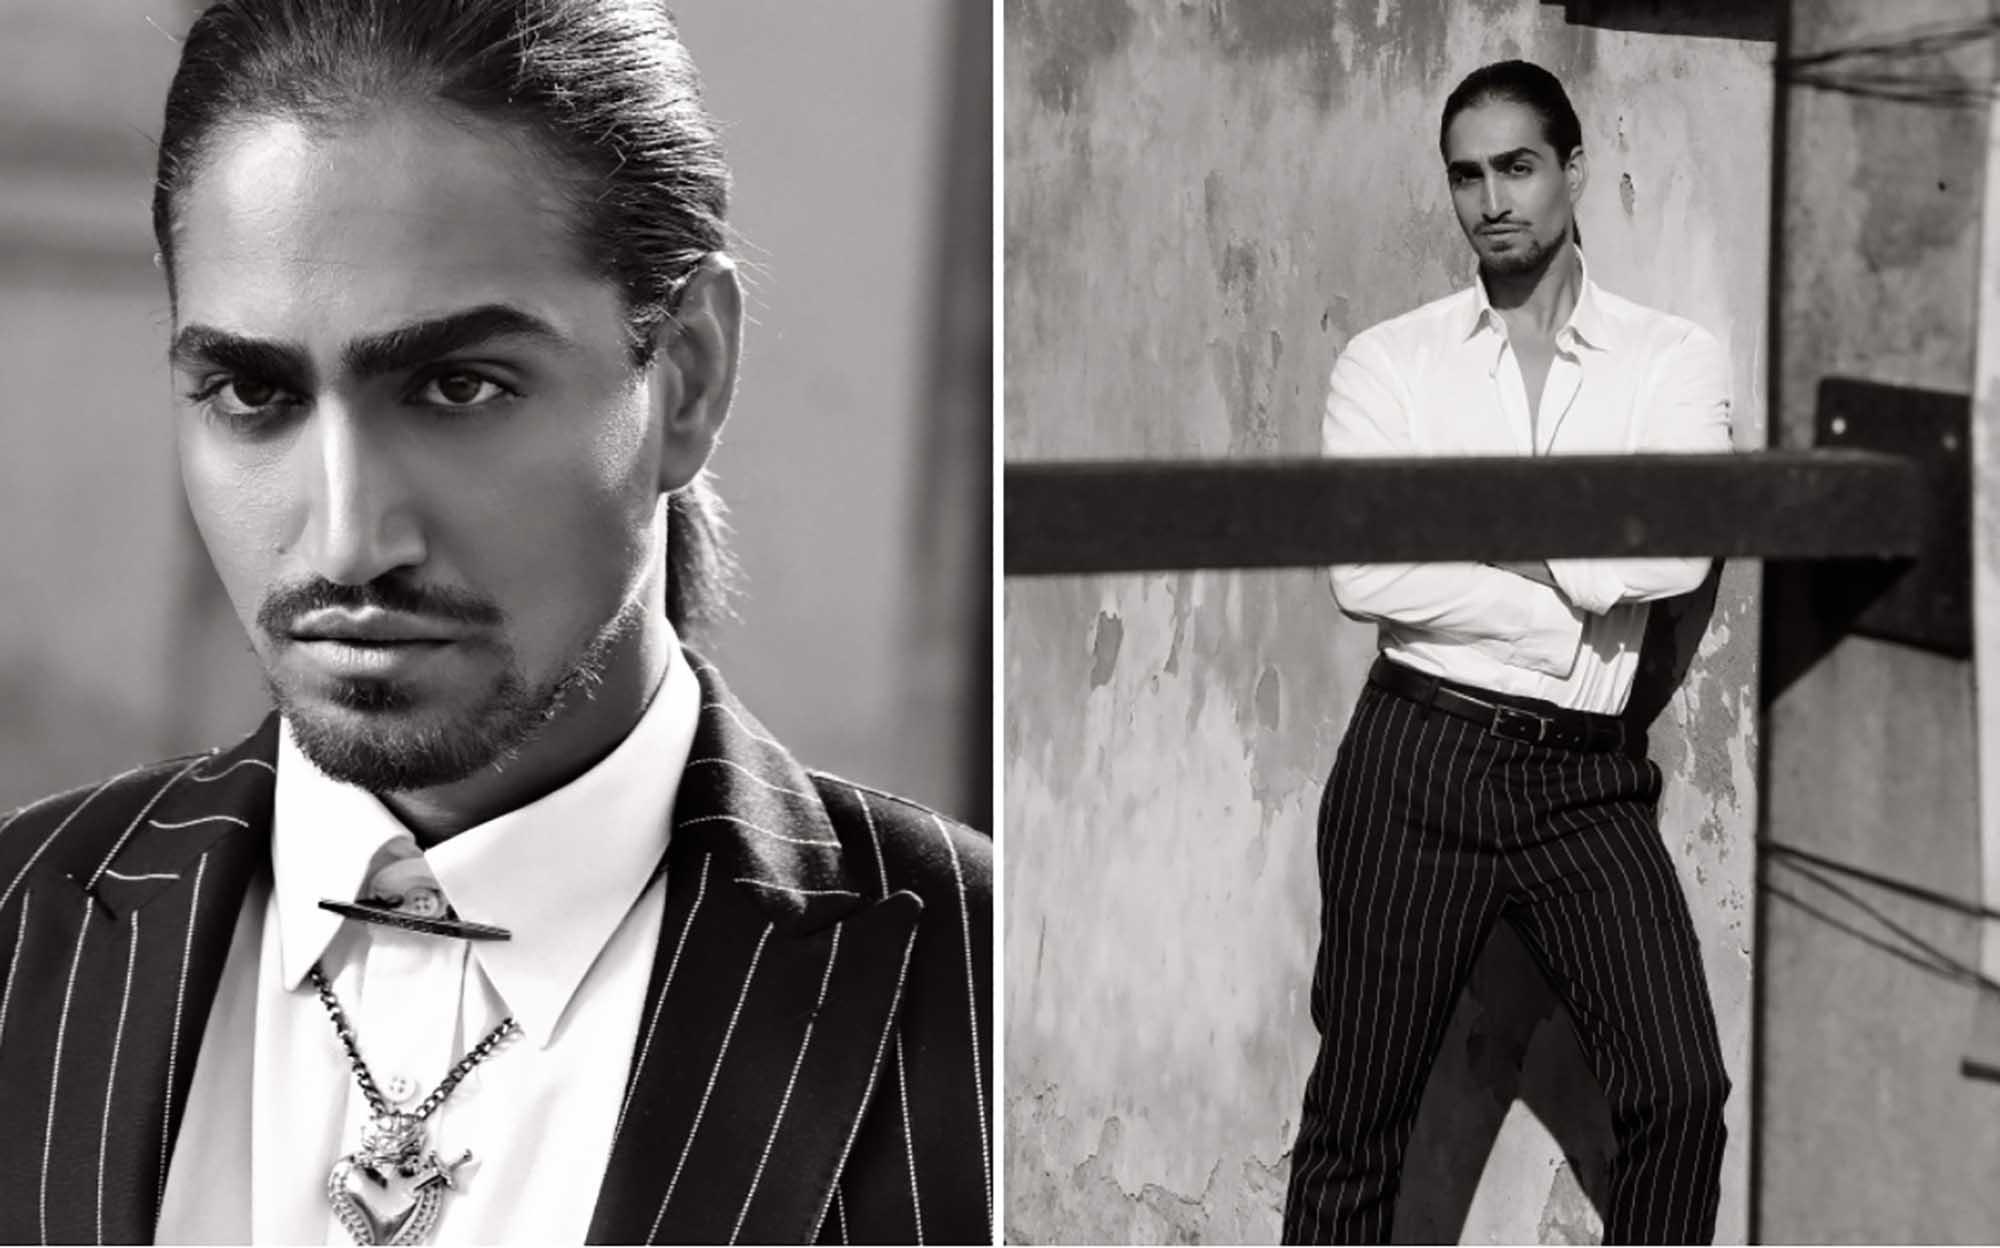 שון בלאיש. צילום: מאוריציו מונטני, מגזין אופנה - 16